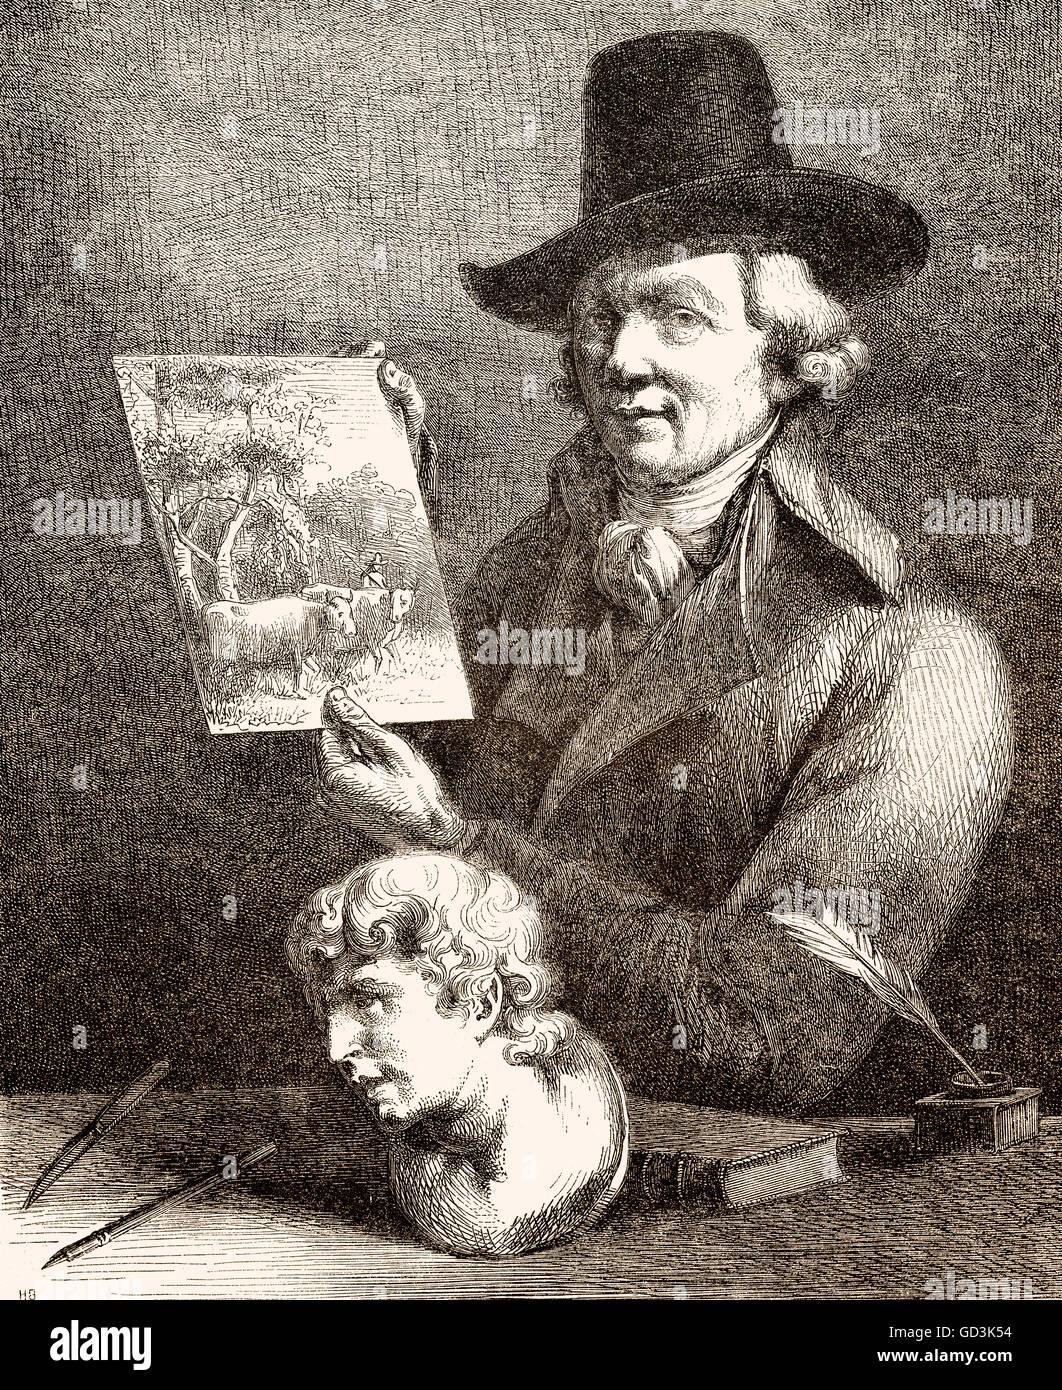 Jean-Jacques de Boissieu, 1736-1810, ein französischer Zeichner, Radierer und Kupferstecher, Jean-Jacques de Stockbild